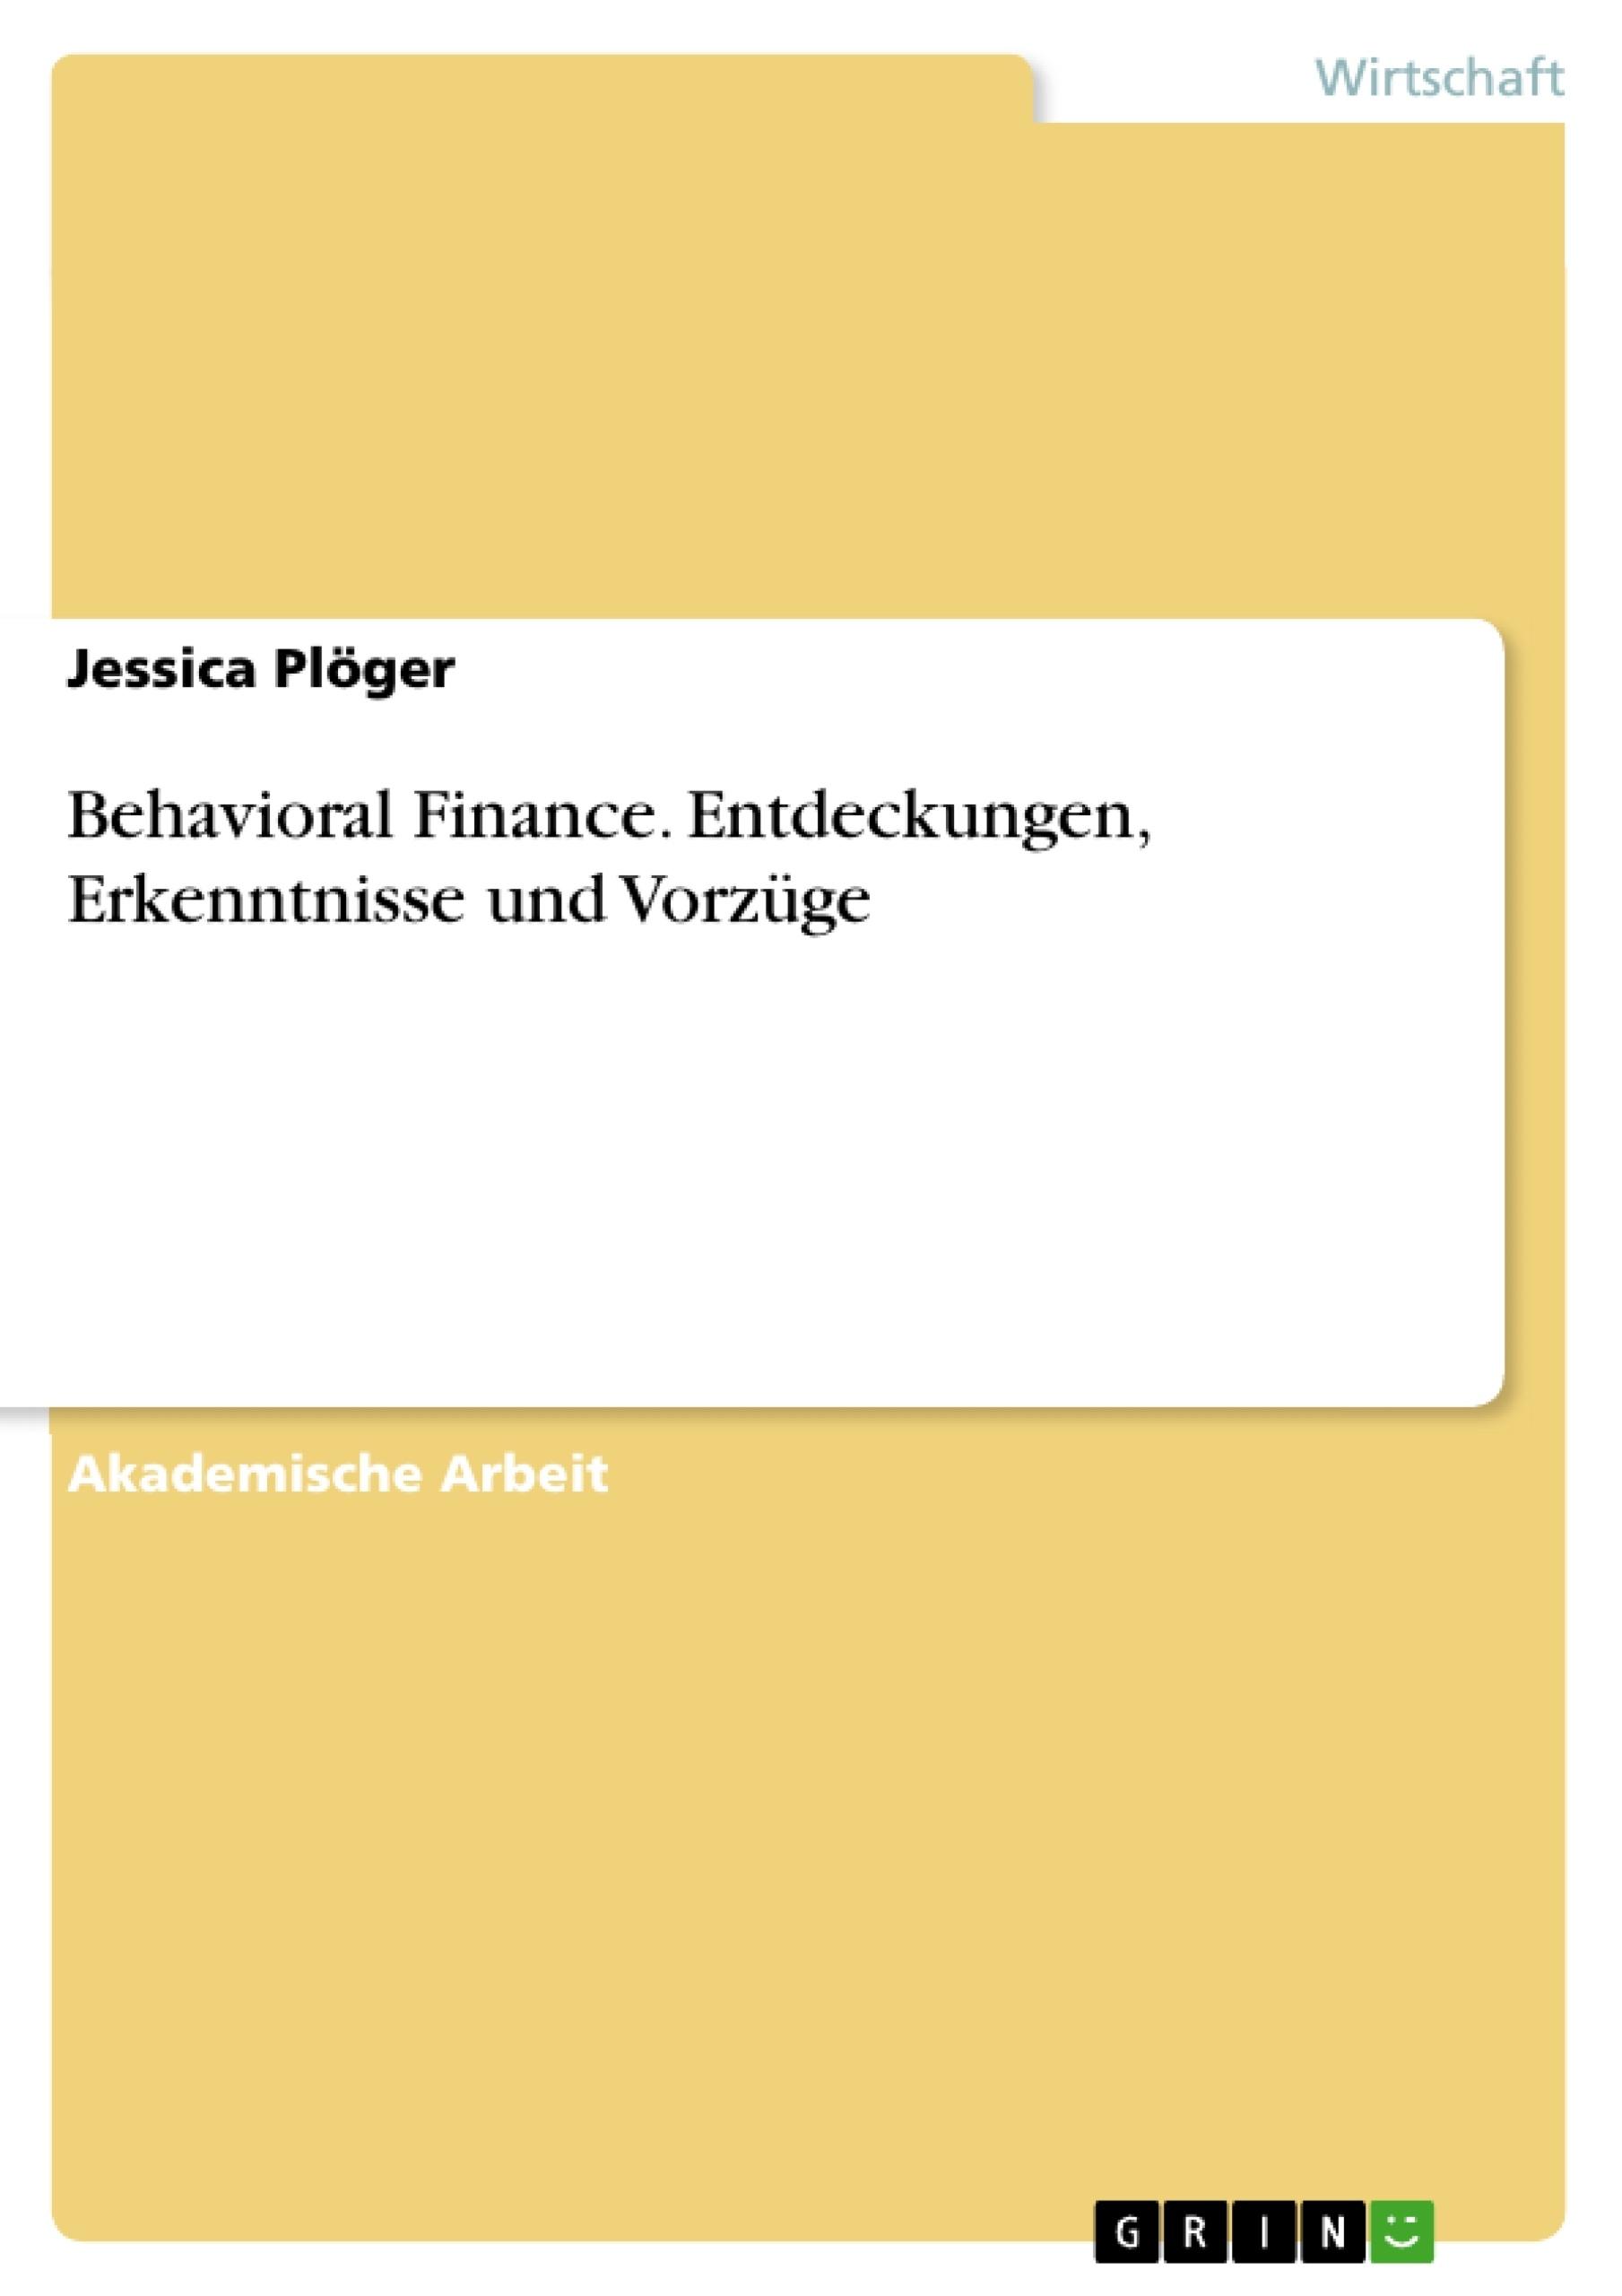 Titel: Behavioral Finance. Entdeckungen, Erkenntnisse und Vorzüge